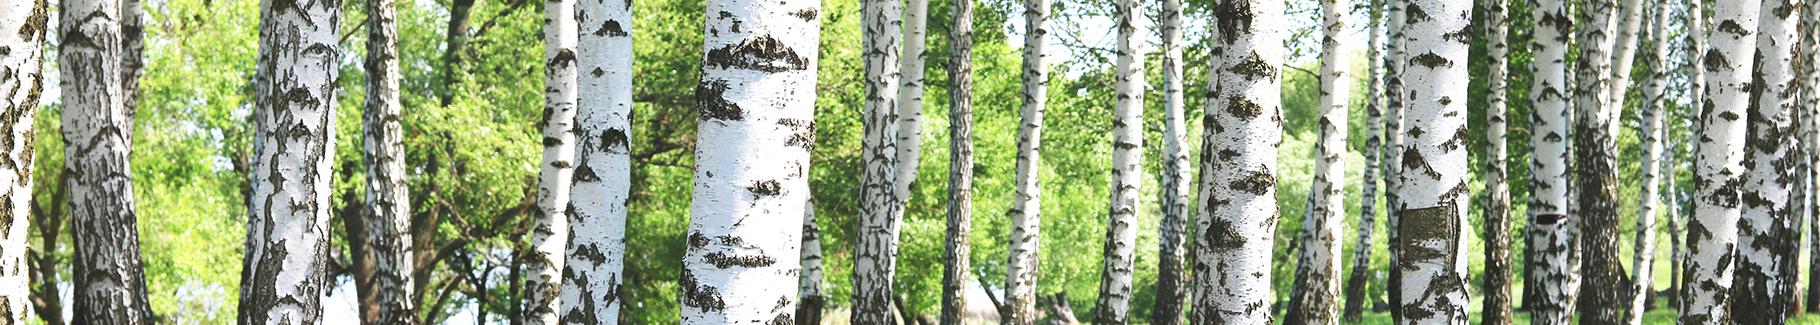 Fototapeta brzozy wśród zieleni